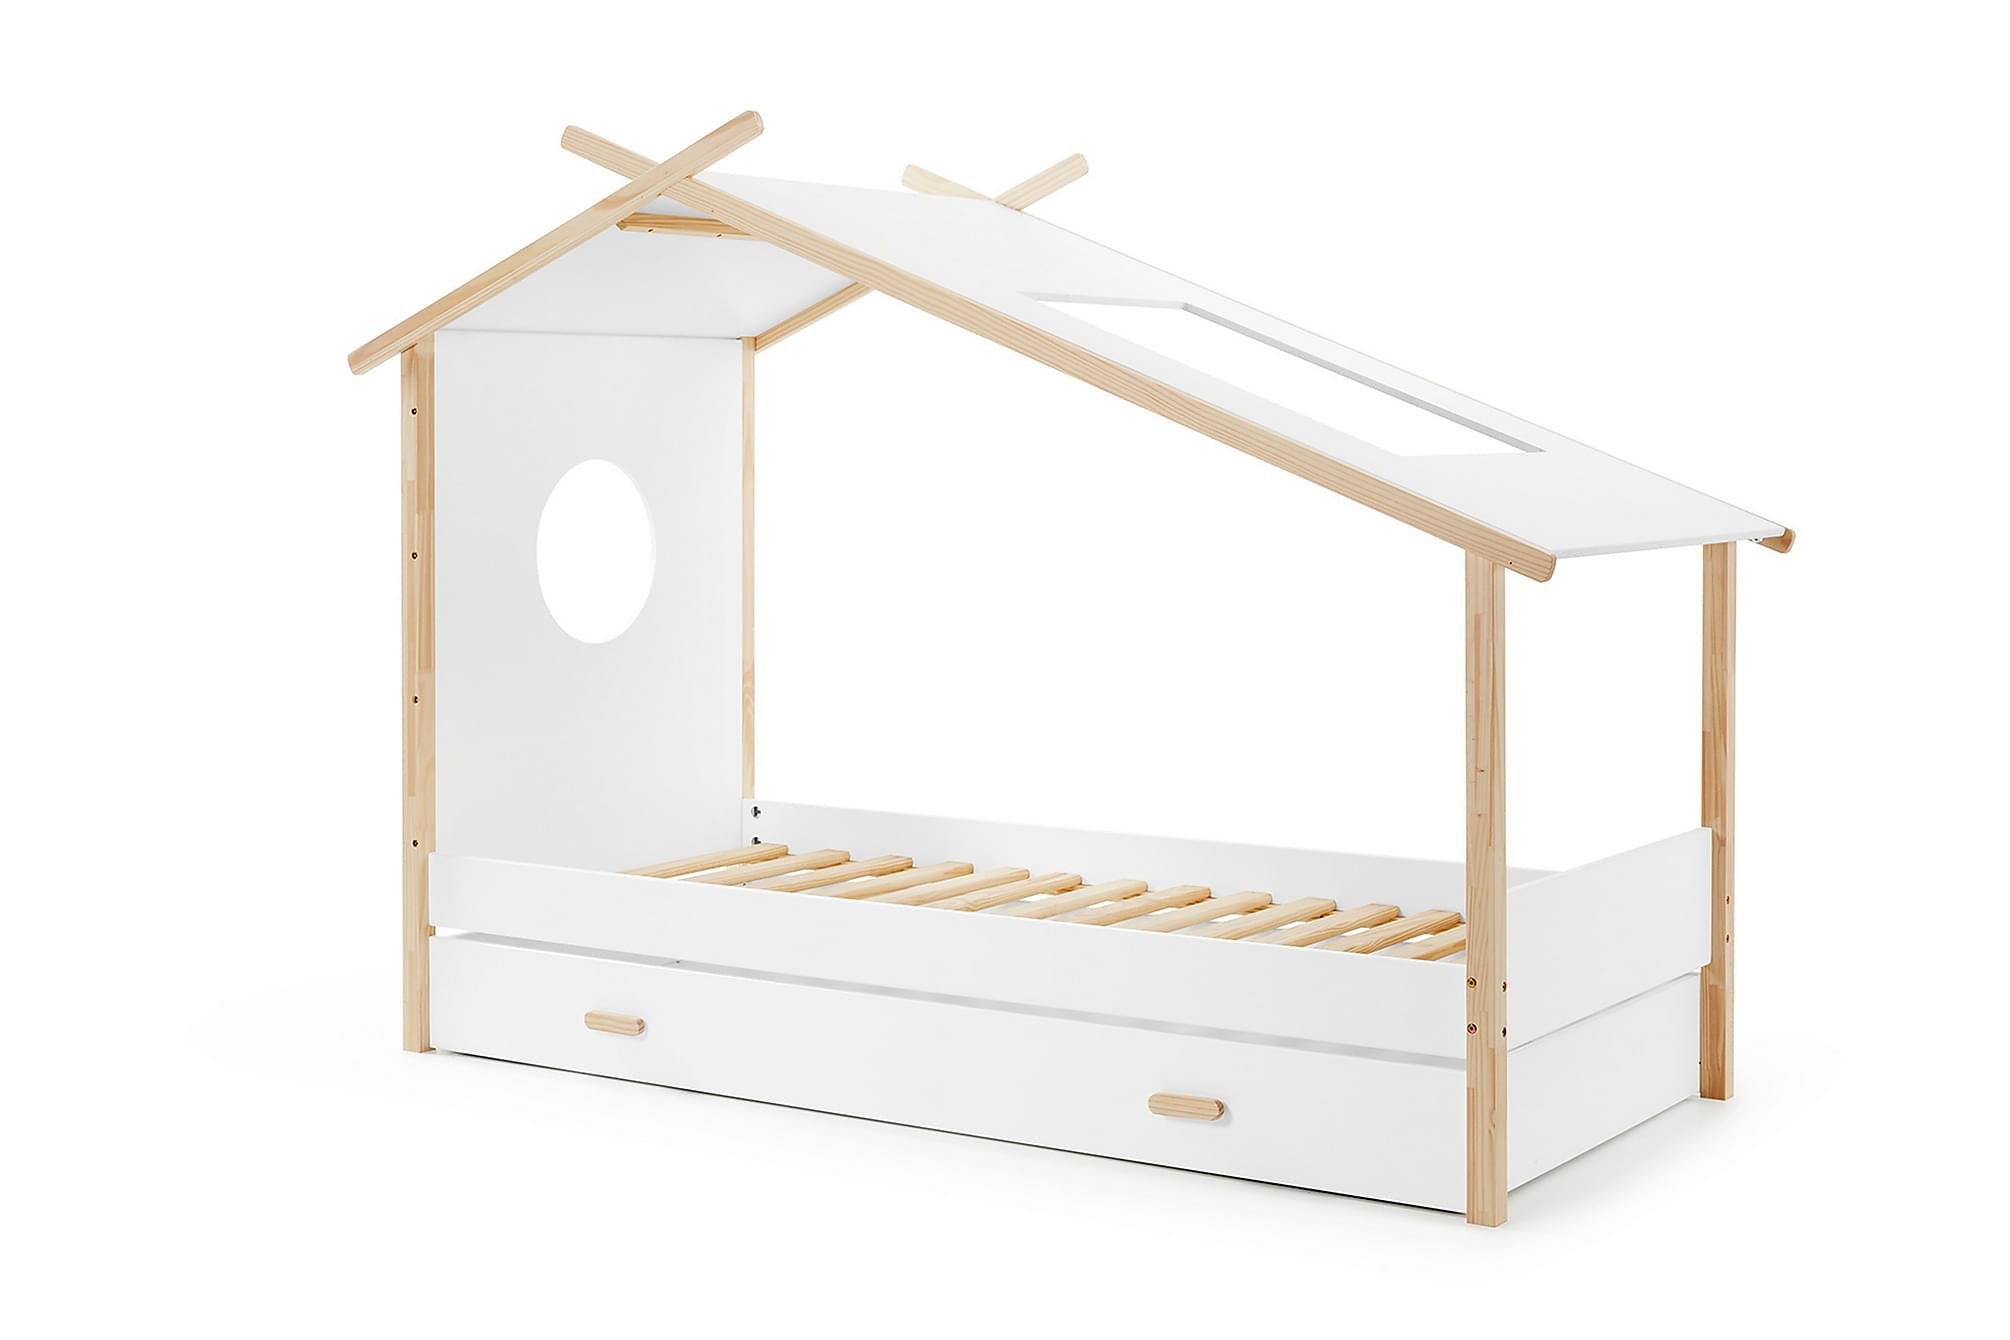 CONCORA Kojsäng Förvaring Vit, Möbelset för sovrum